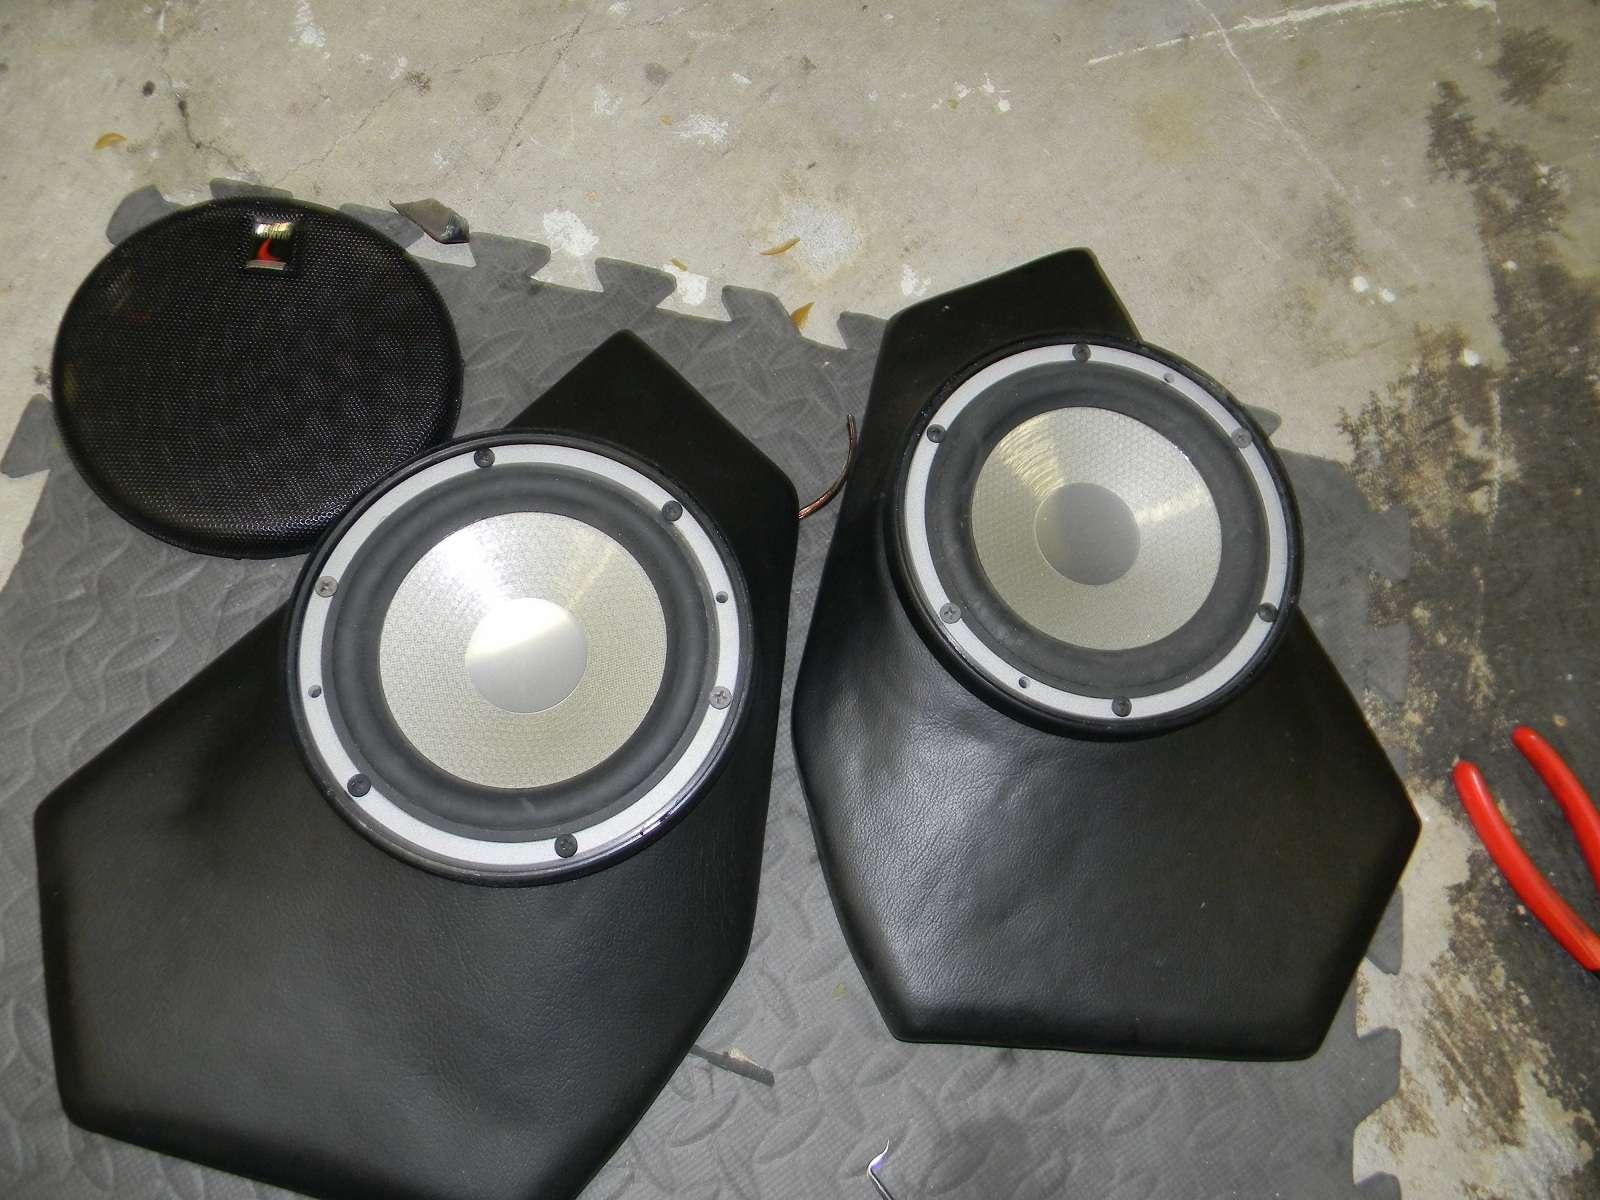 $50 shipped for the pods! & e34 custom door speaker pods